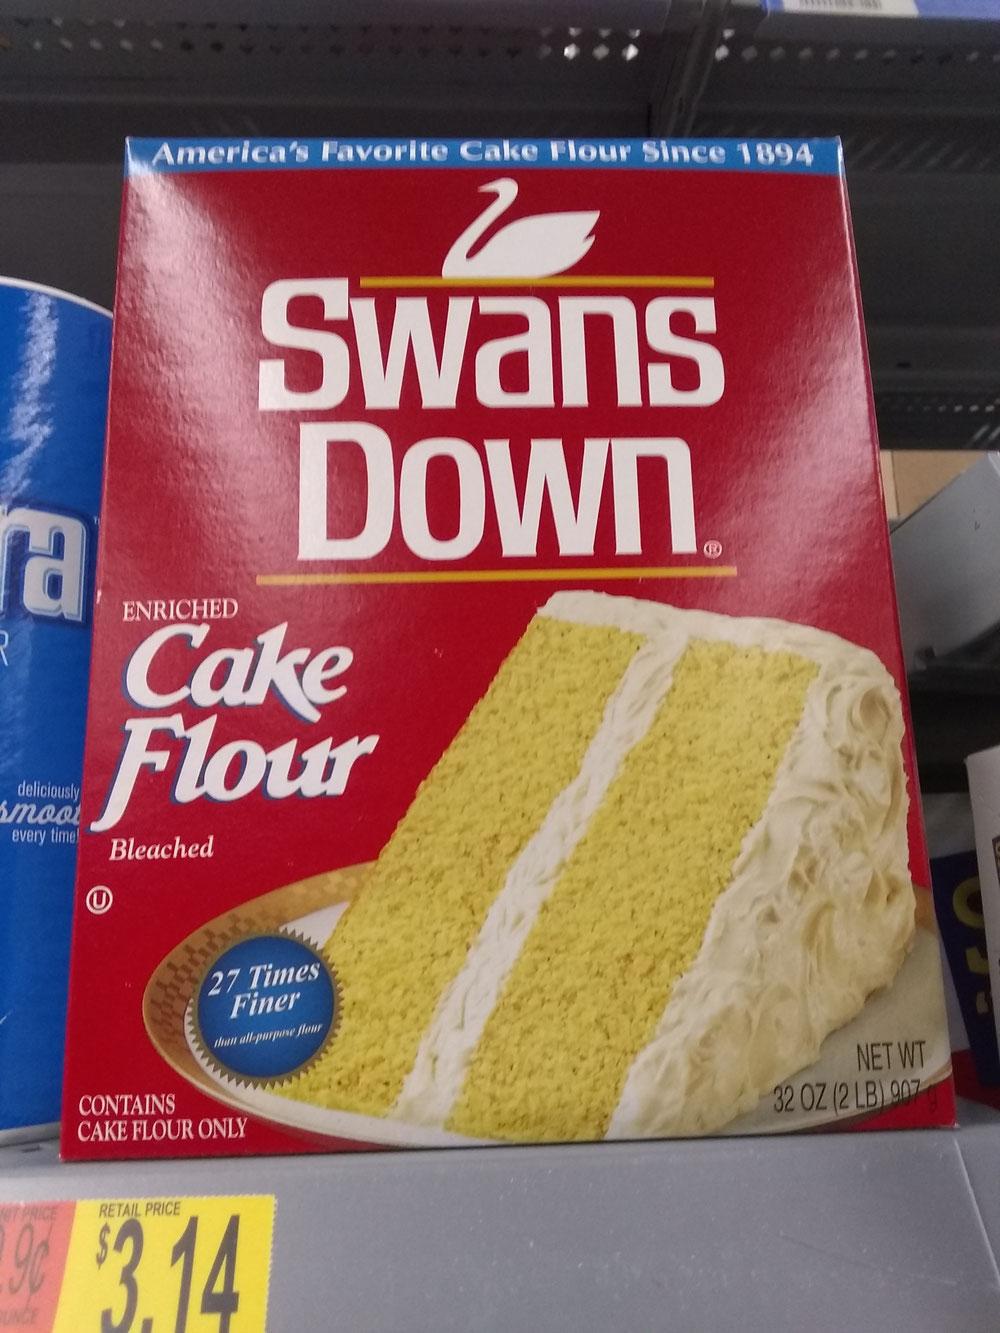 その名も『Swans Down』✨